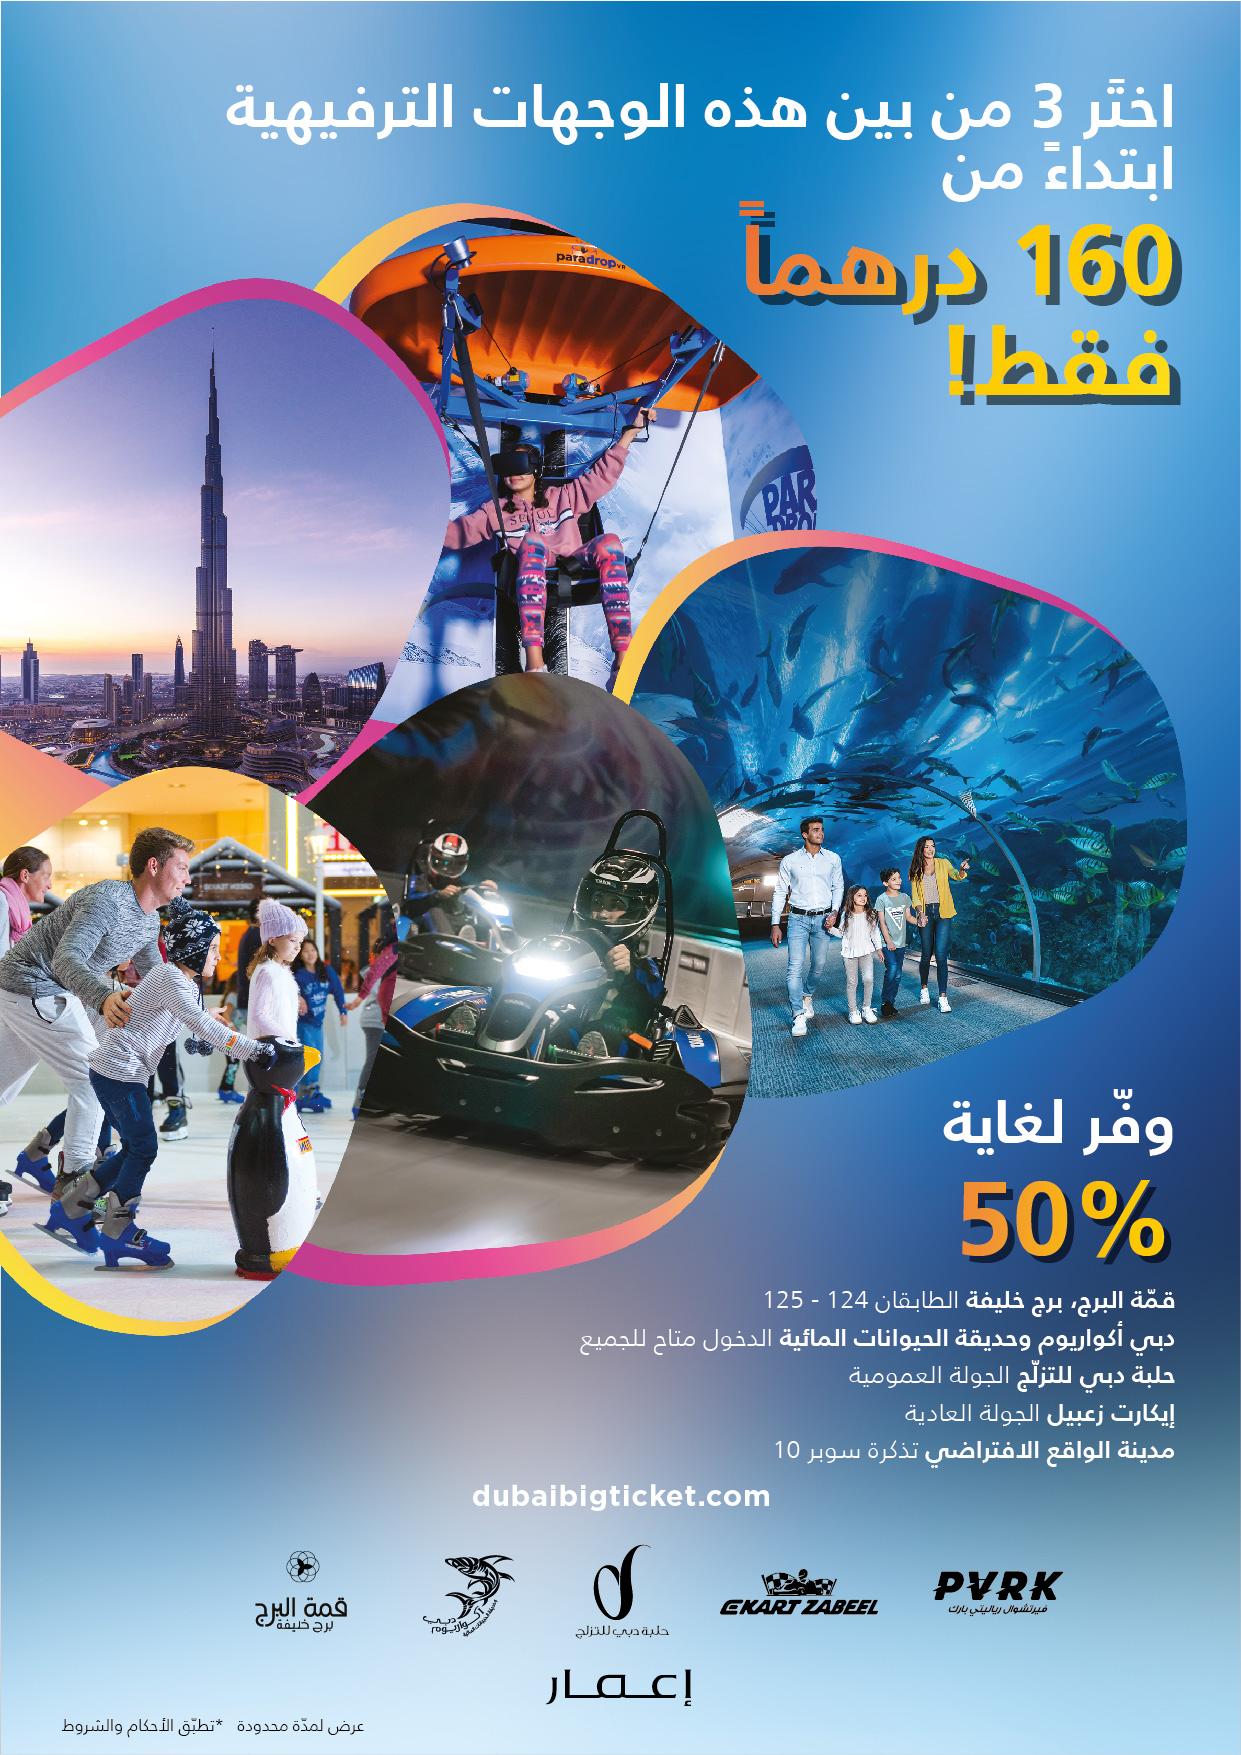 أروع الوجهات الترفيهية في دبي